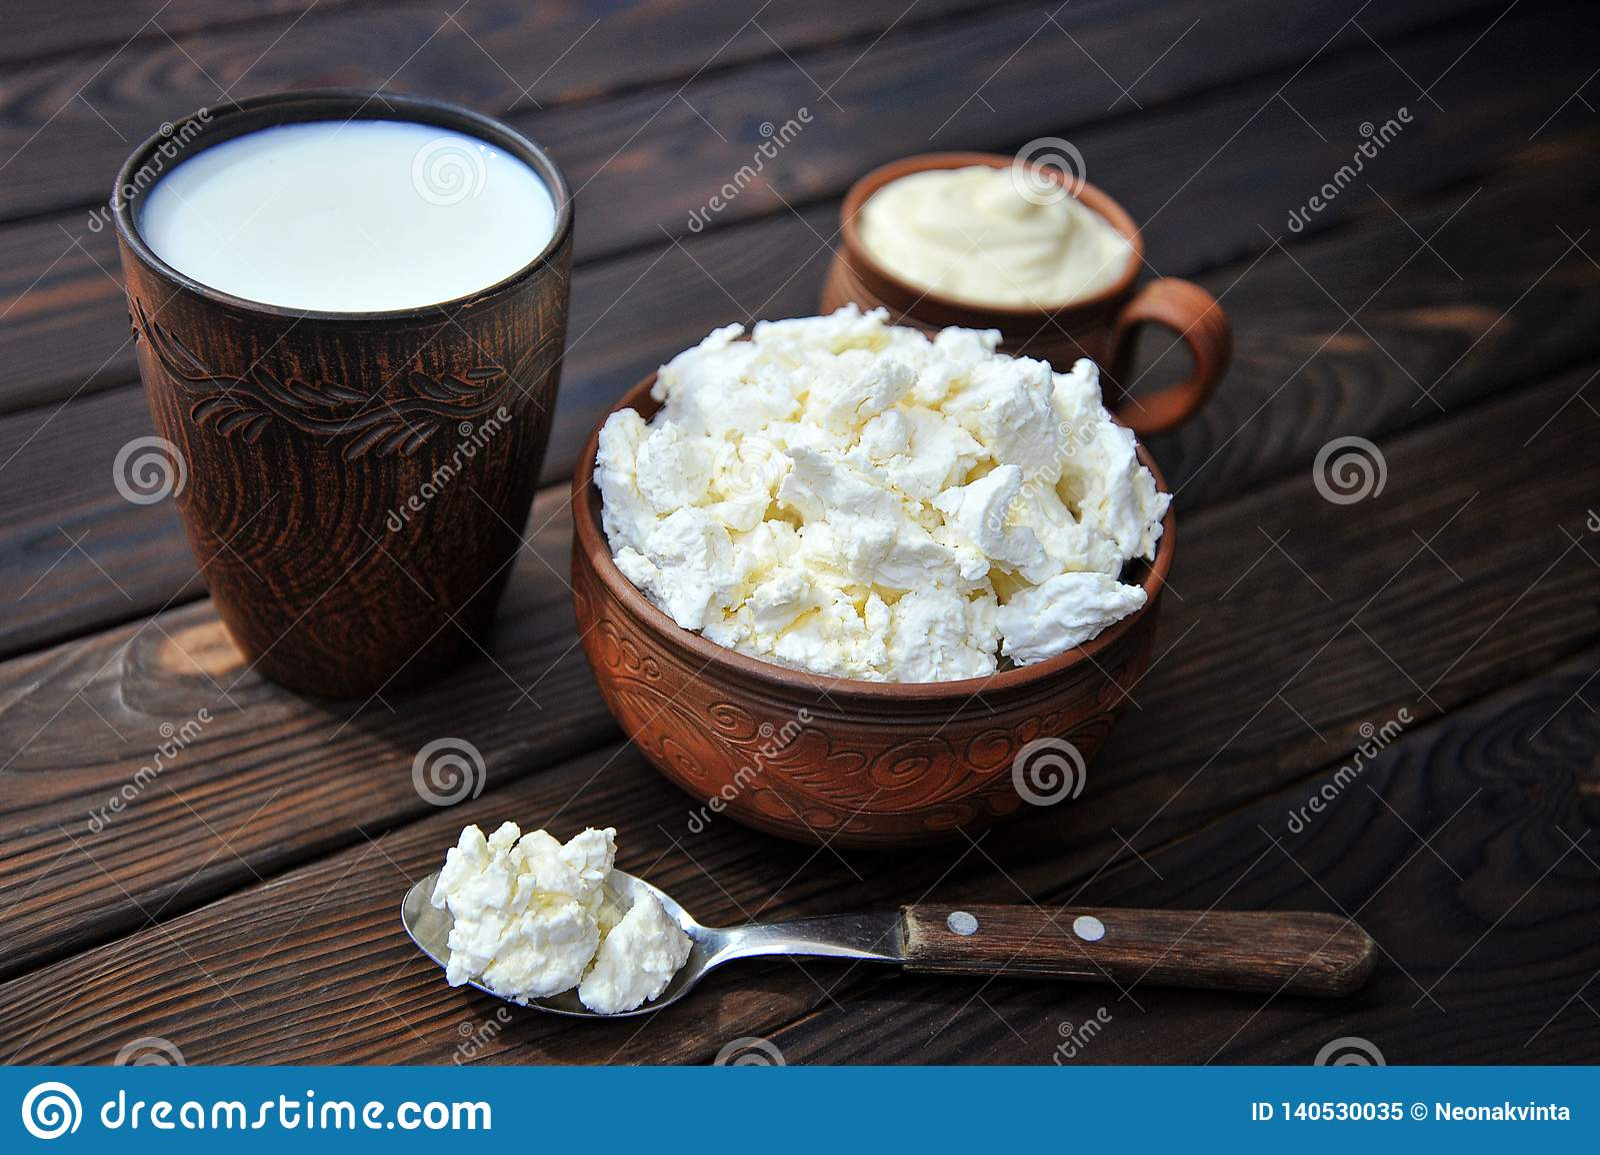 Une cuvette d argile avec le fromage blanc, une tasse d argile avec la crème sure, une tasse avec du lait et une cuillère sur une